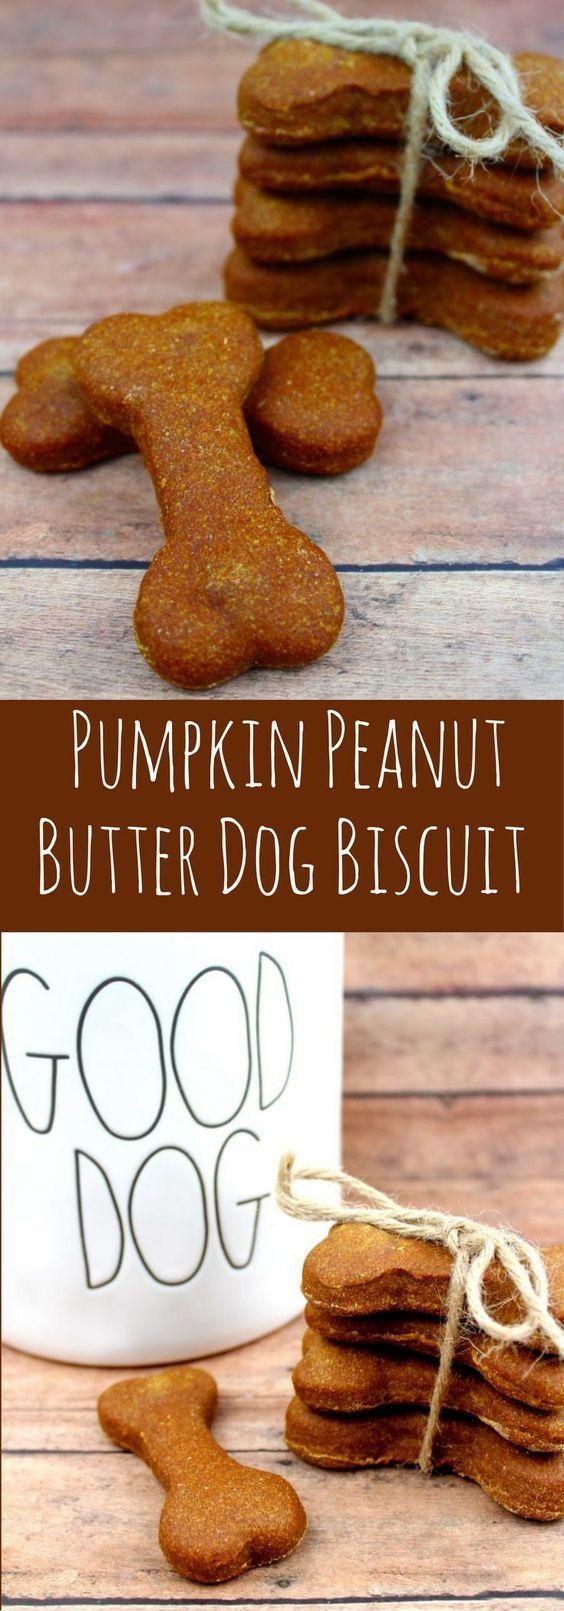 Homemade Pumpkin Peanut Butter Dog Biscuit Recipe- Easy Homemade Dog Biscuit recipe- Peanut Butter dog biscuits #dogbiscuitrecipe